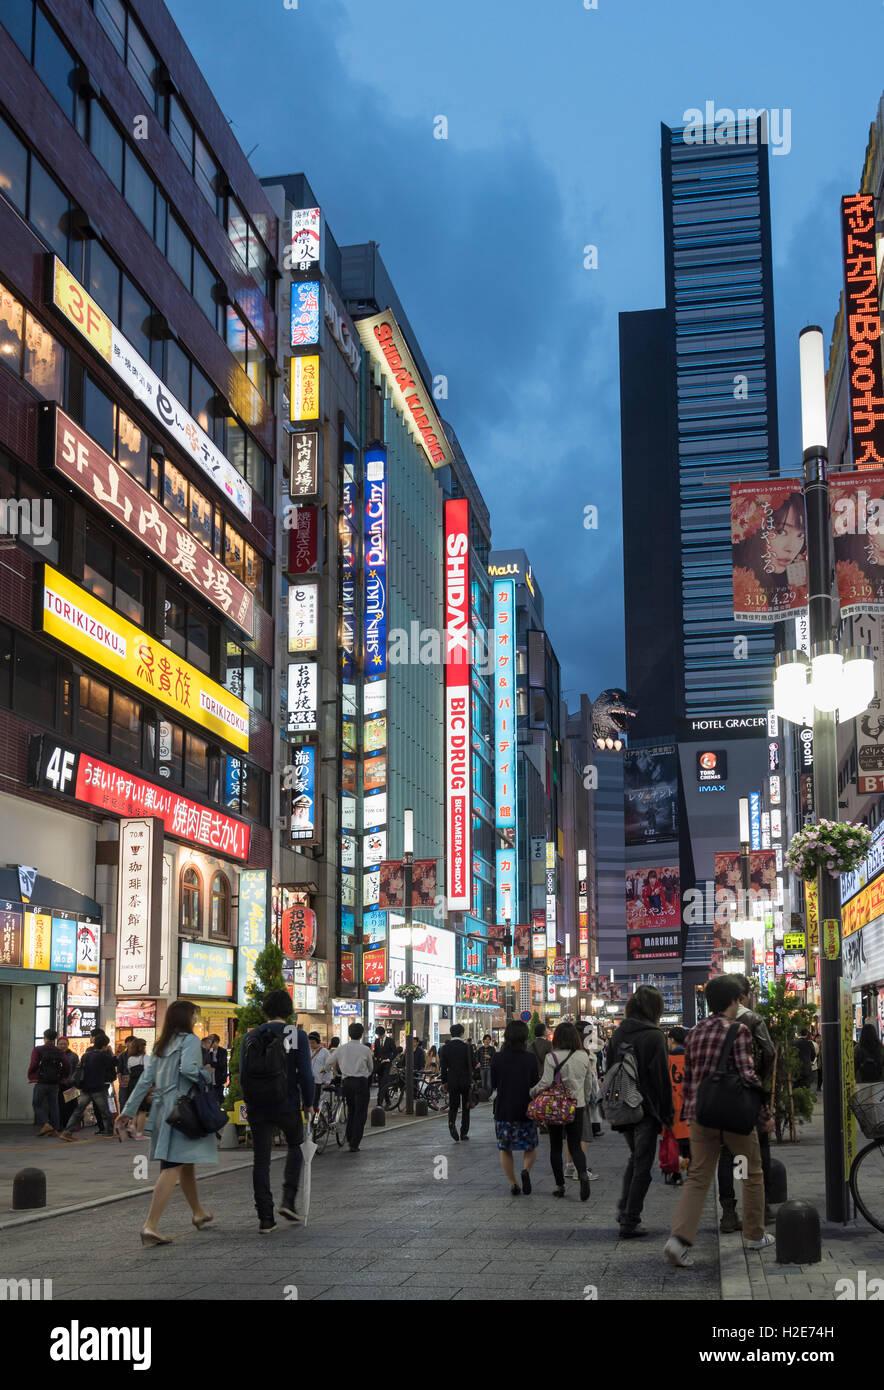 Escena callejera de Kabukicho, Shinjuku, Tokio, Japón Imagen De Stock